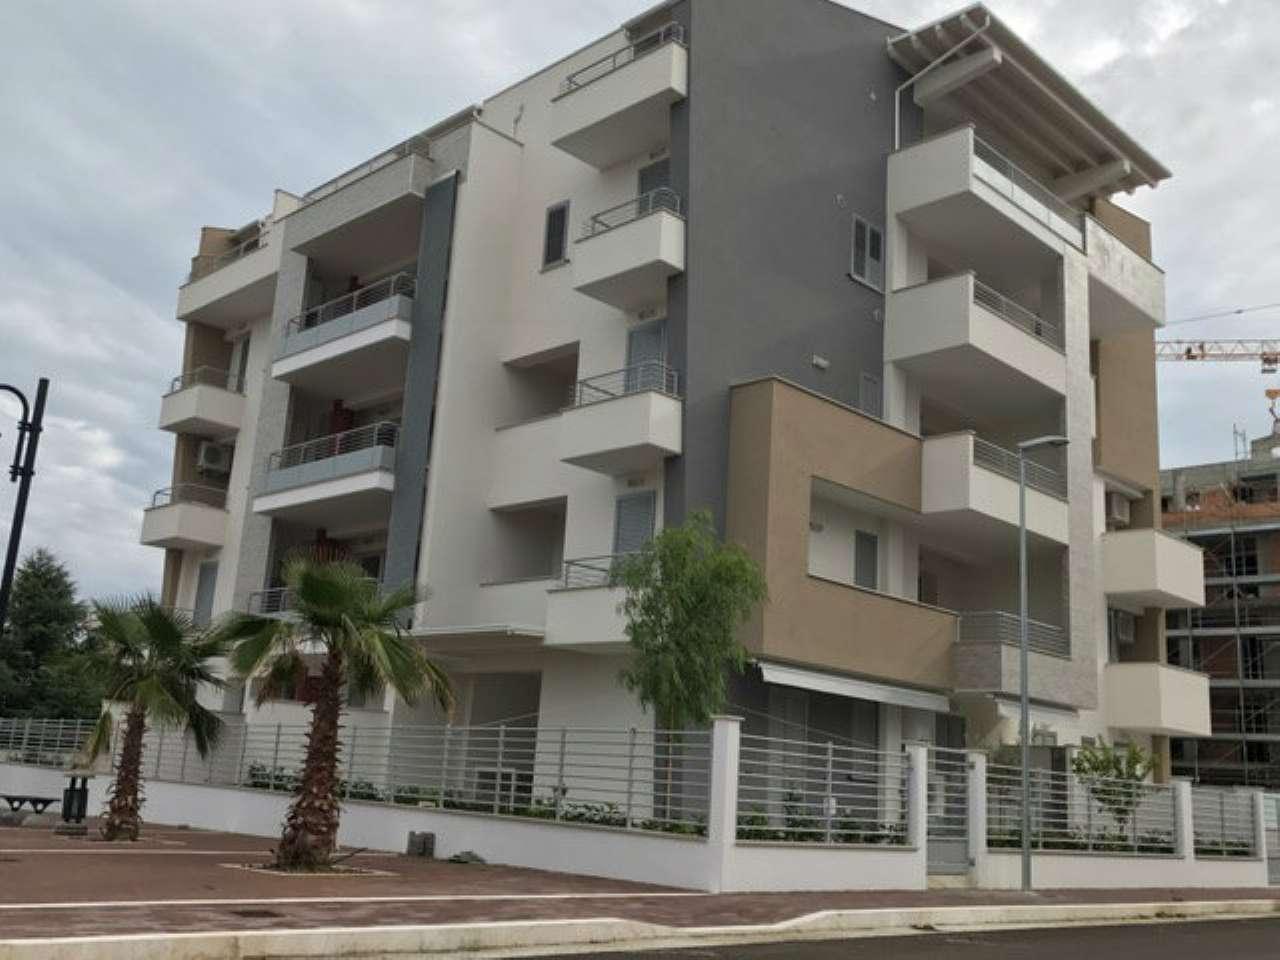 Appartamento in vendita a Tortoreto, 2 locali, prezzo € 95.000 | CambioCasa.it